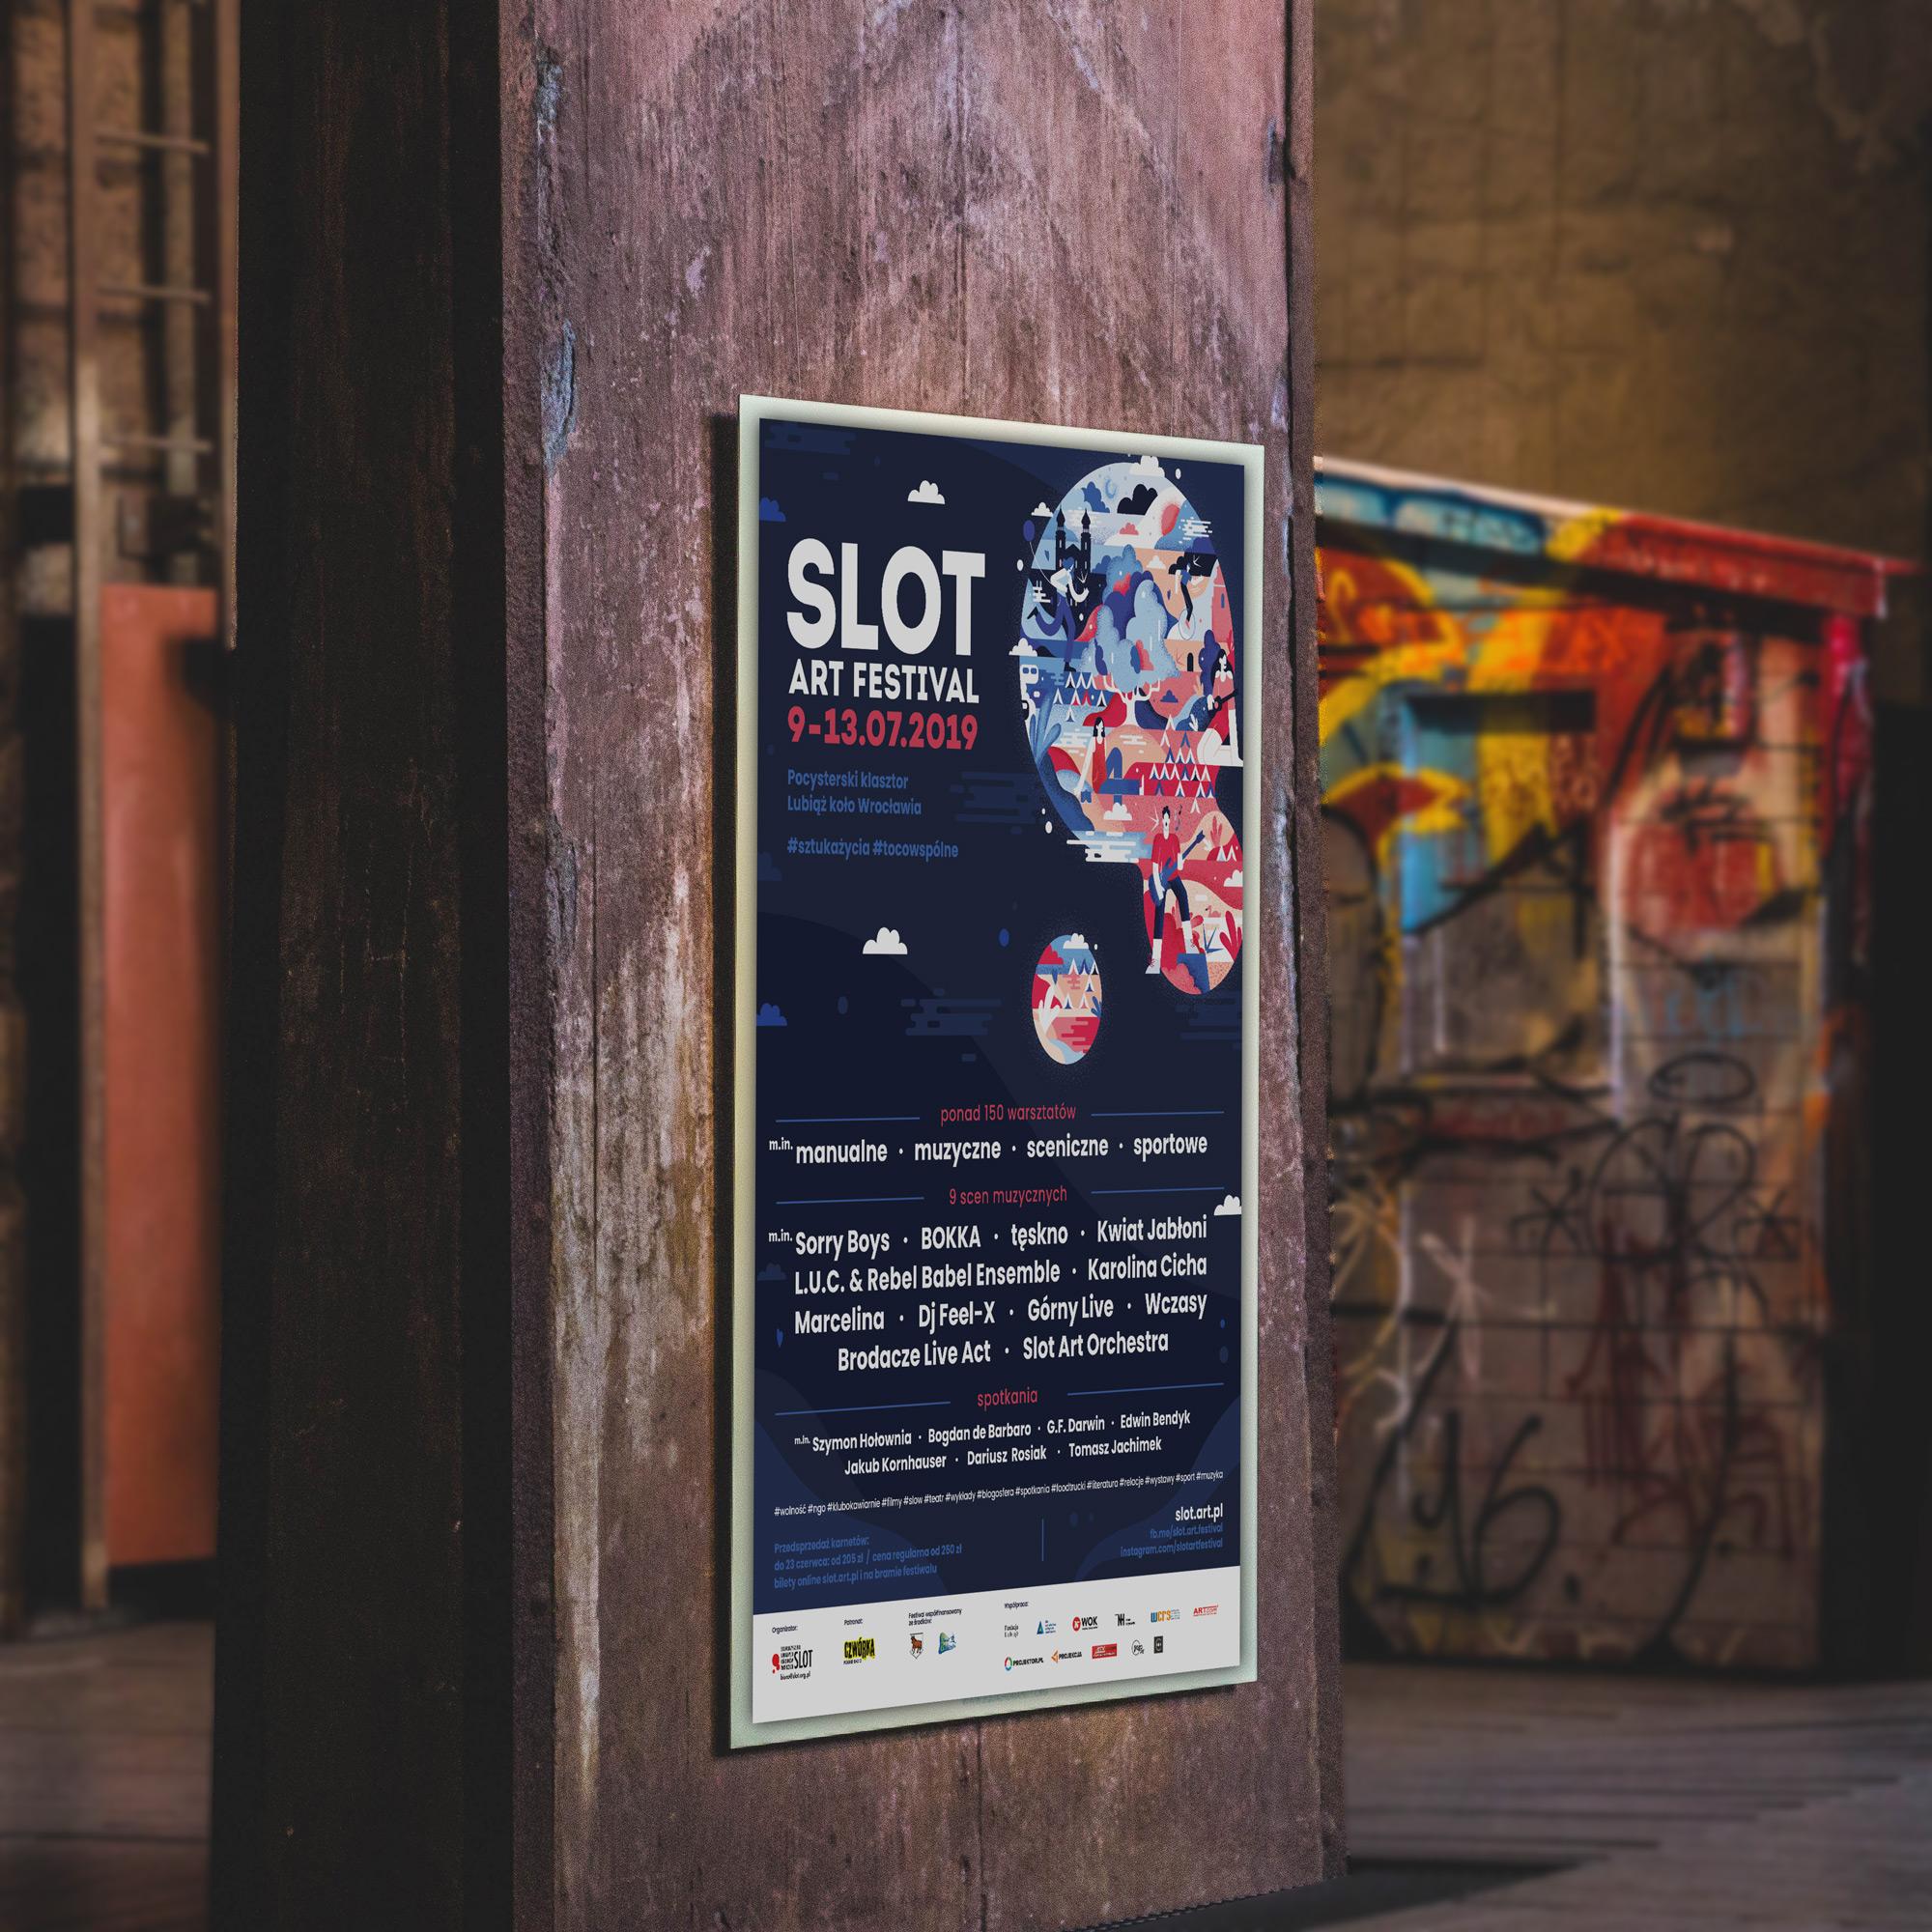 Slot Art Festival Plakaty Slot Art Festival